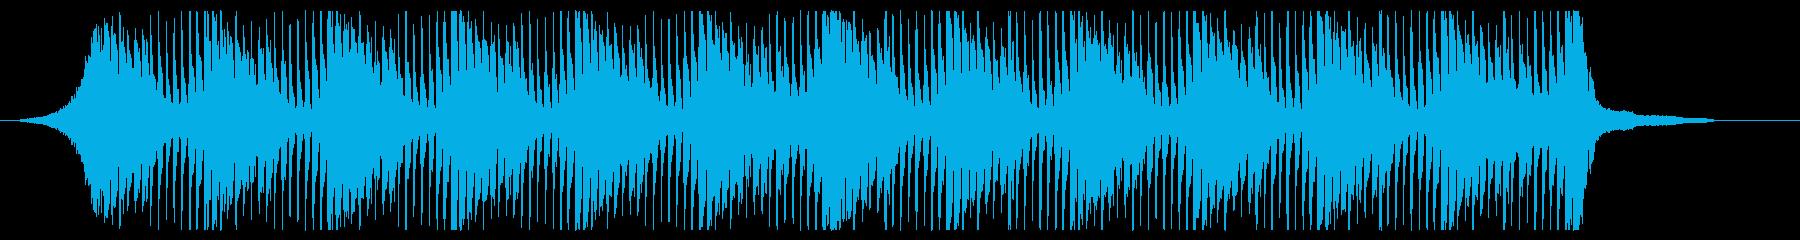 【爽やか】企業VP、透明感と暖かいBGMの再生済みの波形